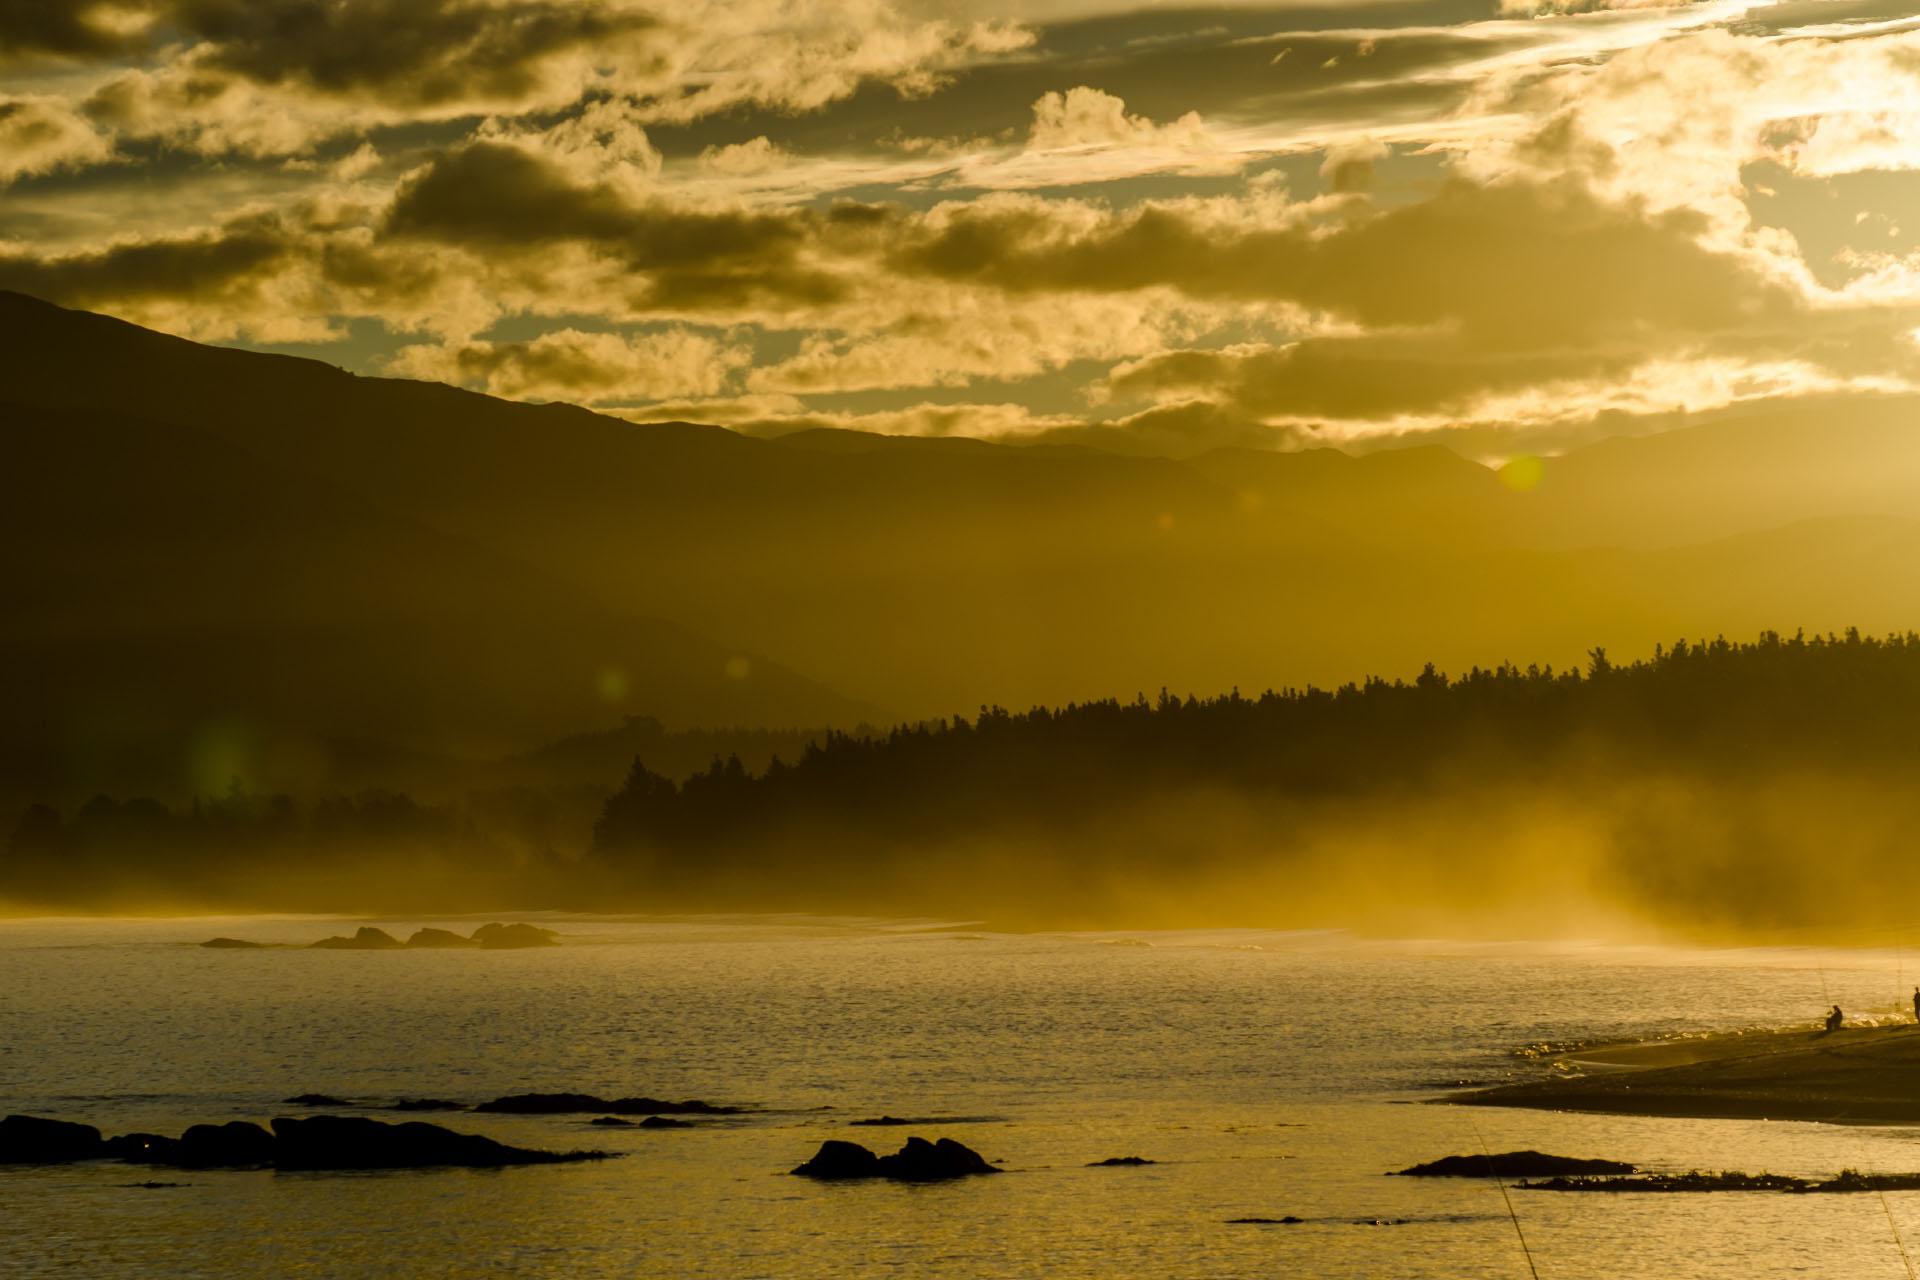 カイコウラの夕暮れ ニュージーランドの風景